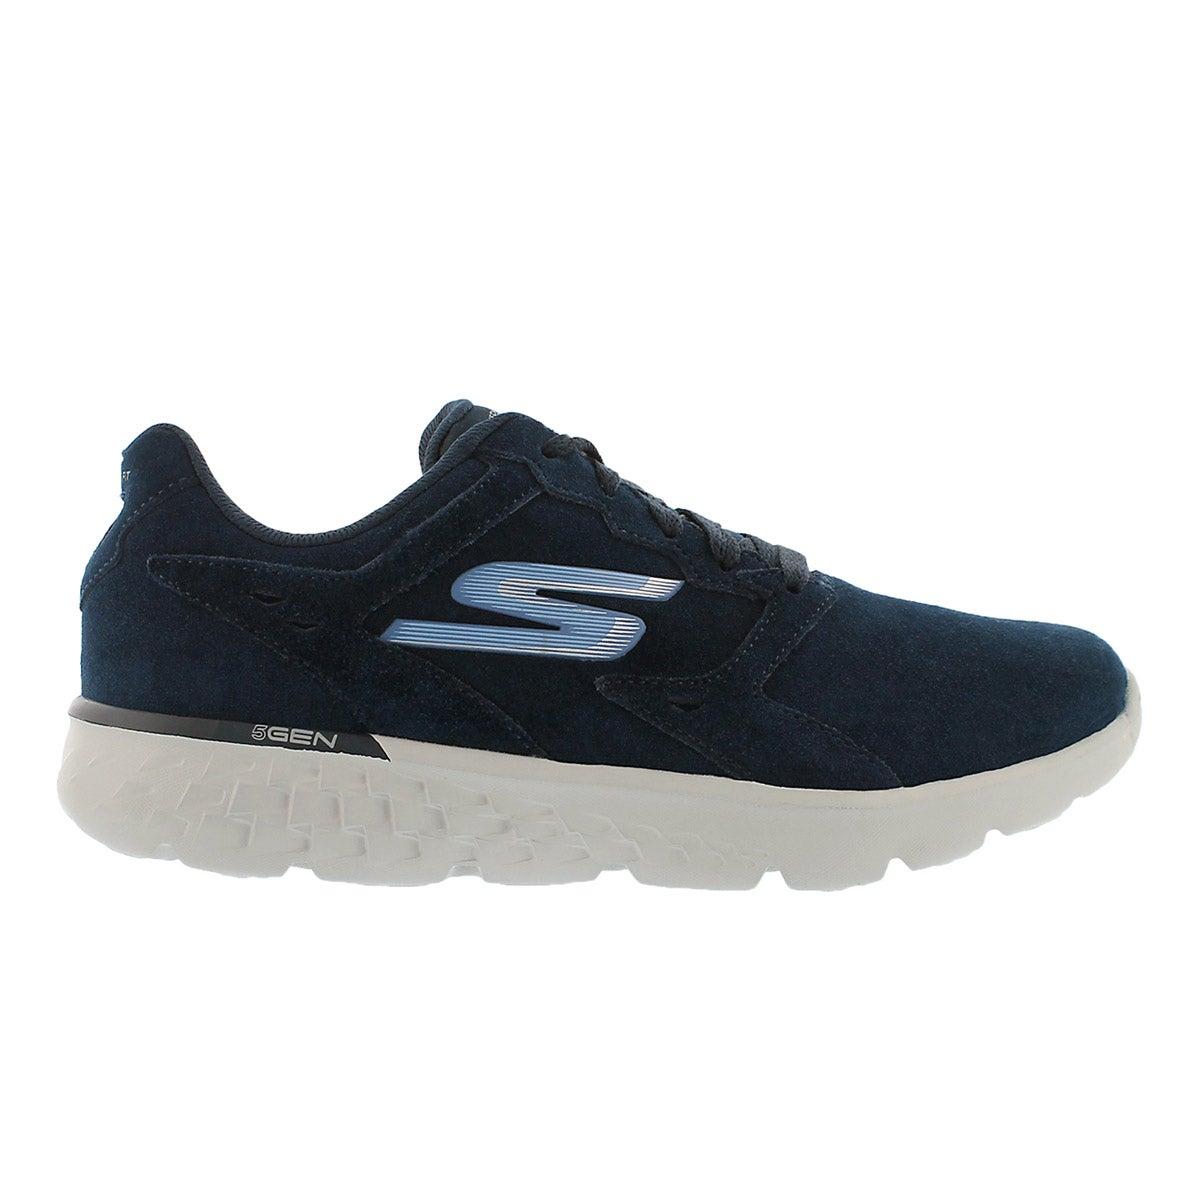 Lds GOrun 400 navy lace up running shoe